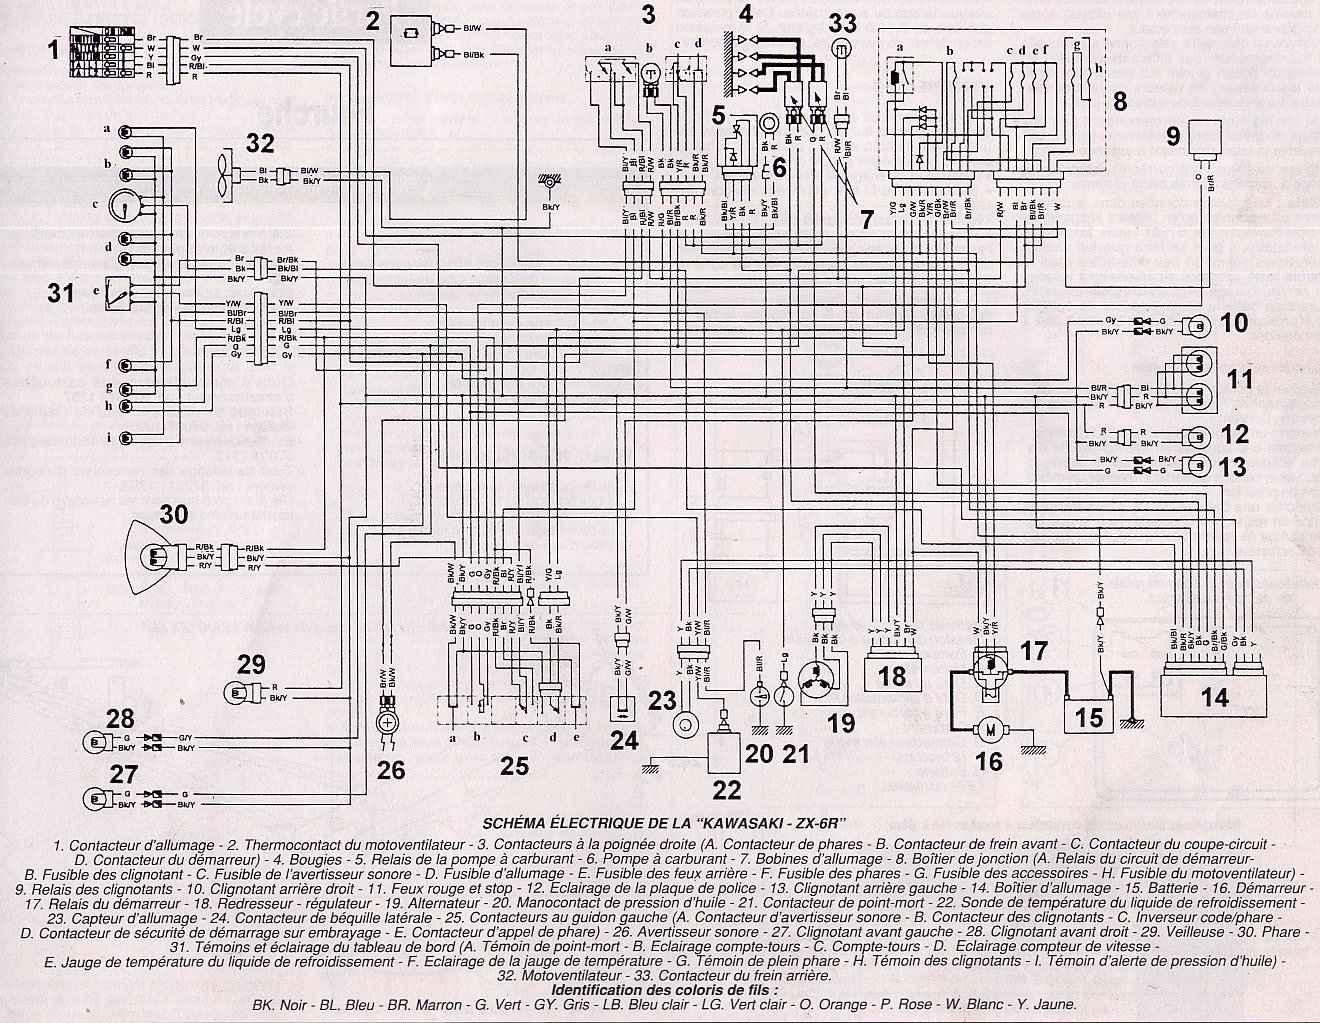 Schema electrique zxr